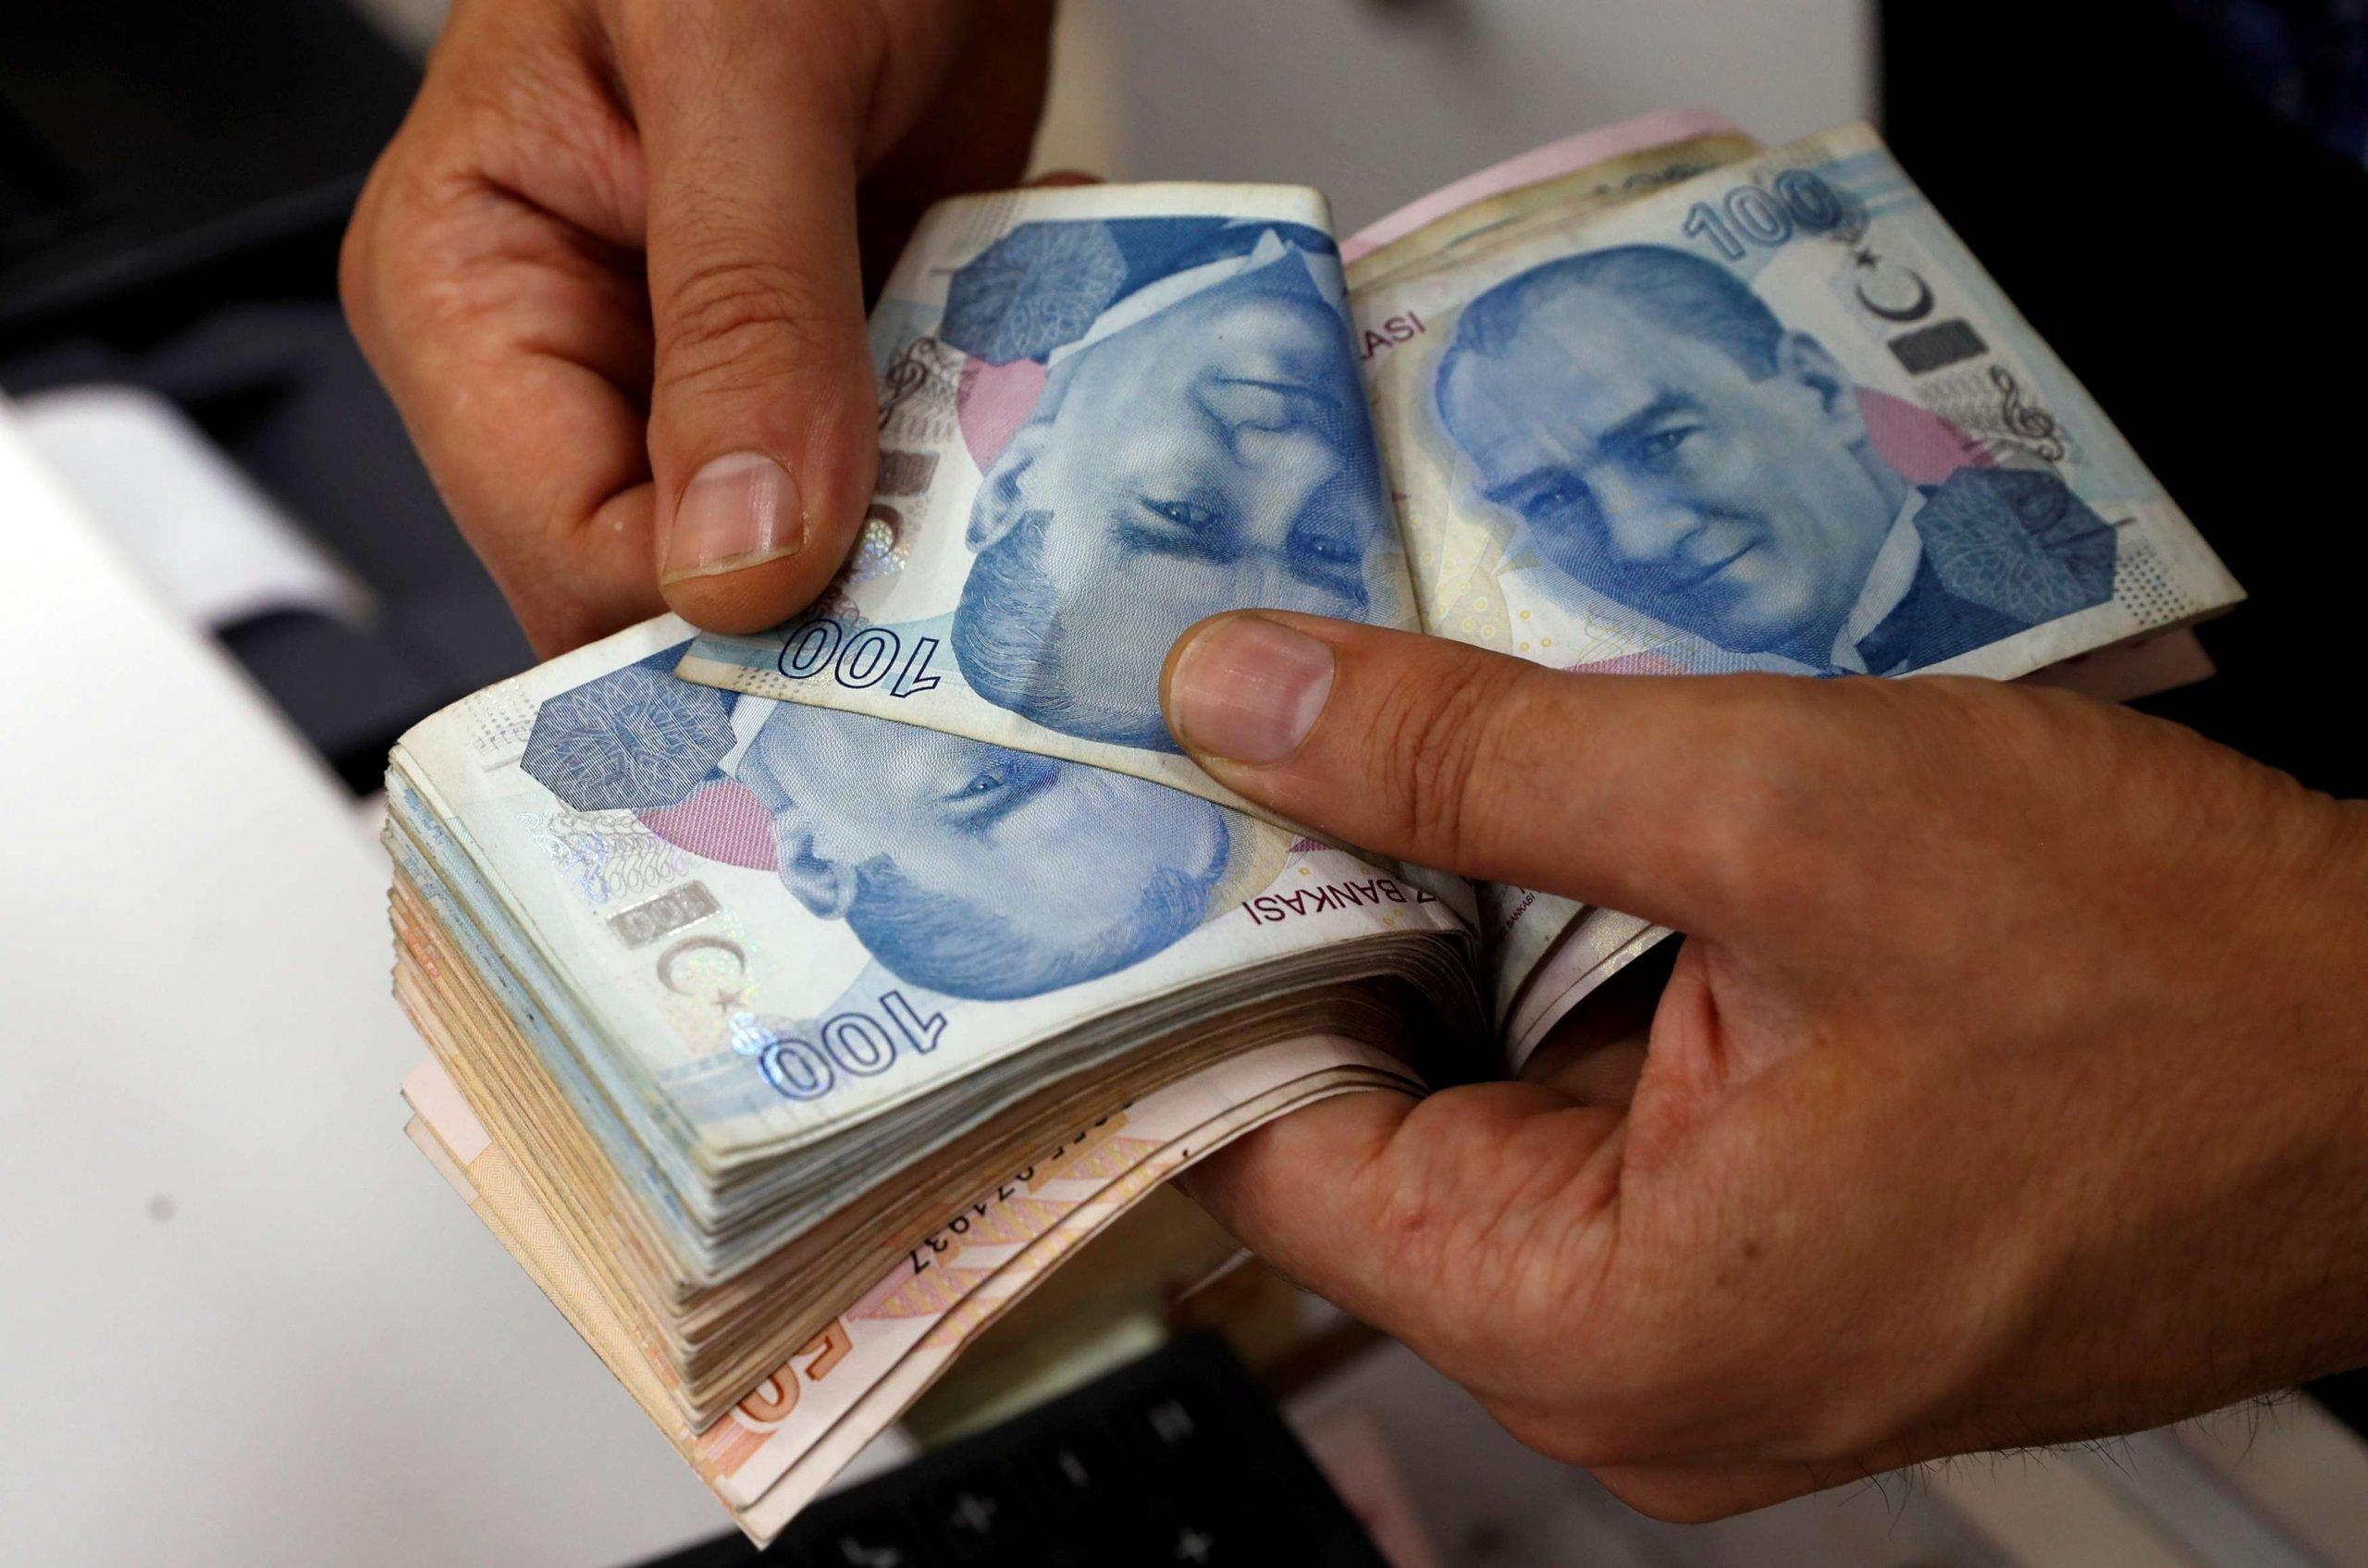 قرارات عاجلة بخصوص الليرة التركية ، وإليكم سبب انخفاض الليرة التركية ، وهل يؤثر ذلك على أسعار السلع؟